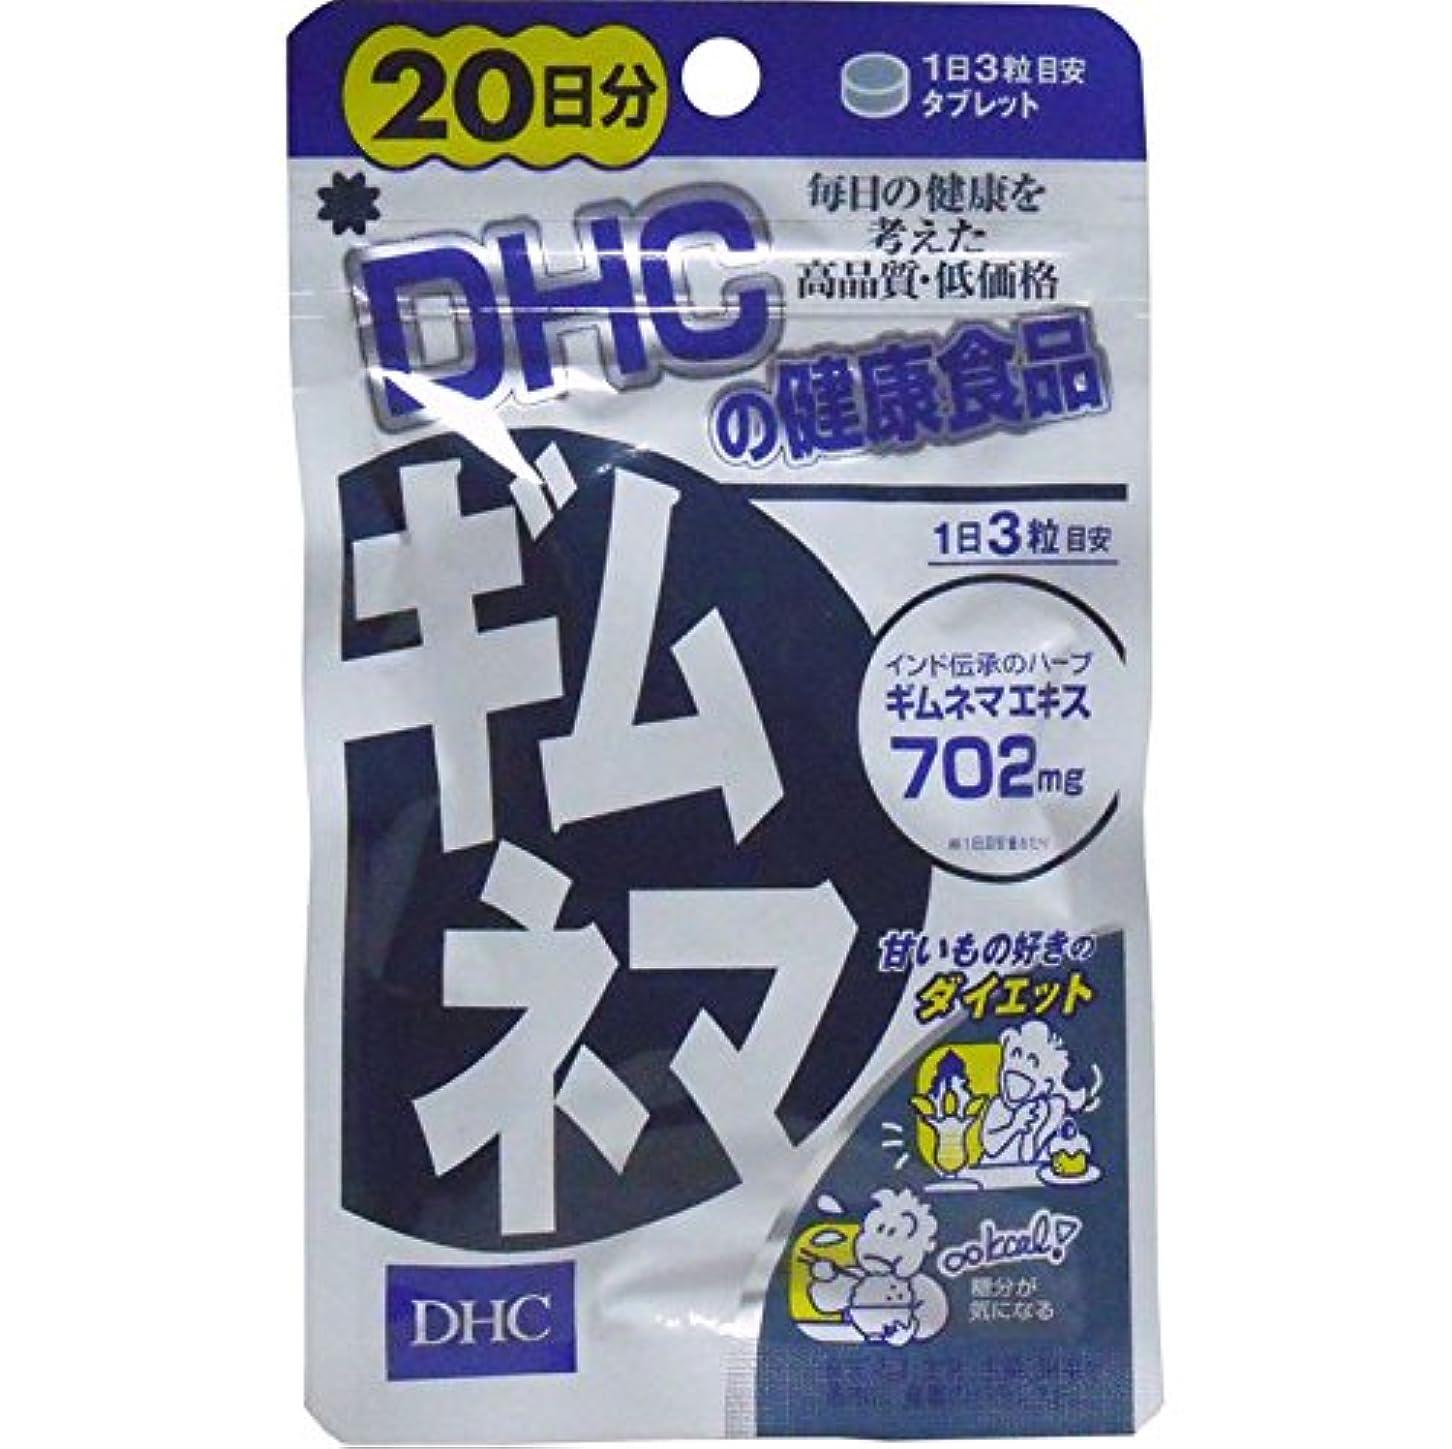 杭ランプ噂我慢せずに余分な糖分をブロック DHC ギムネマ 20日分 60粒